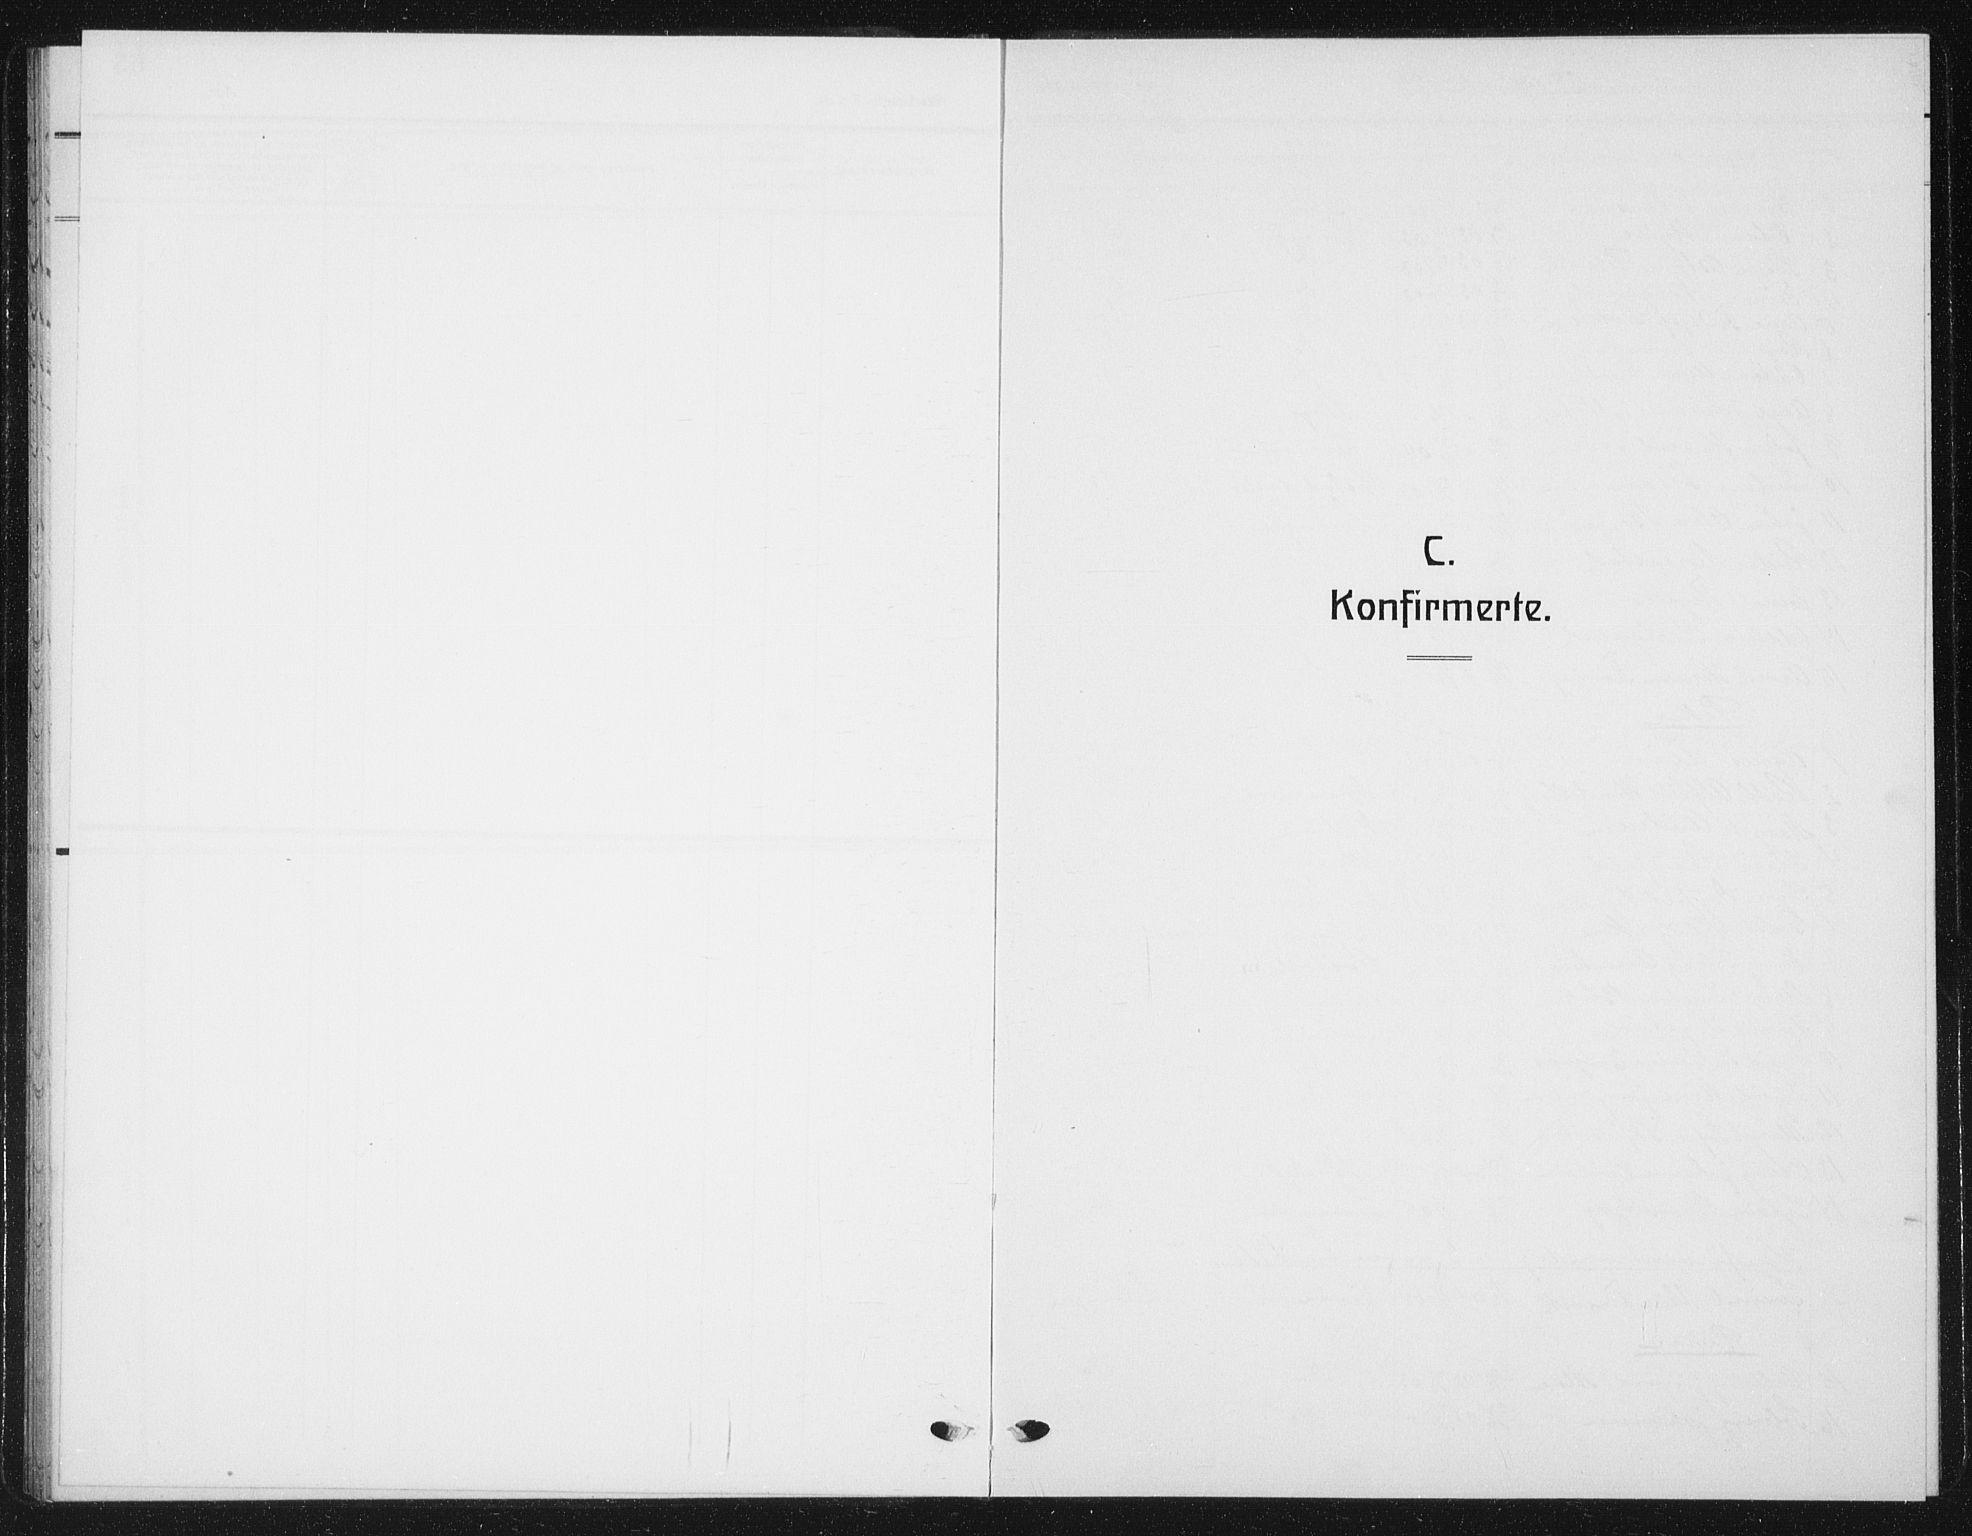 SAT, Ministerialprotokoller, klokkerbøker og fødselsregistre - Nord-Trøndelag, 720/L0193: Klokkerbok nr. 720C02, 1918-1941